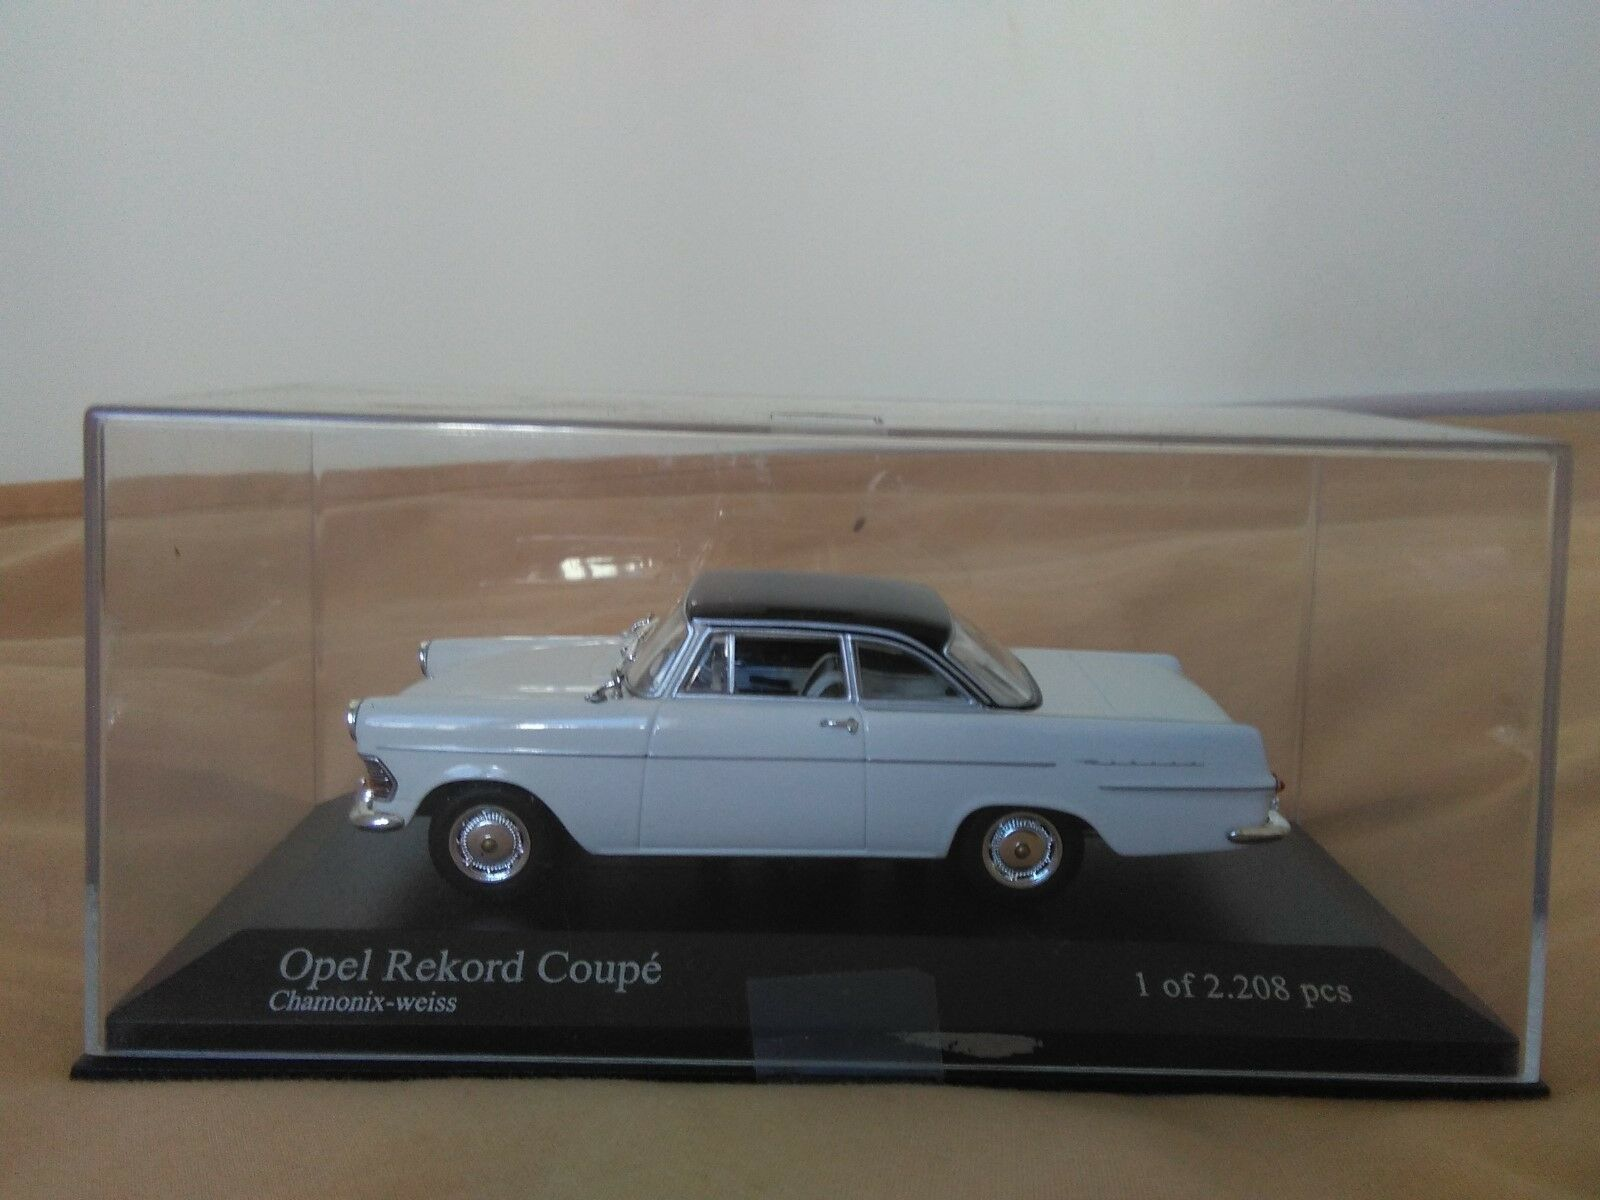 Se vende miniatur minichamps 1 43 opel rekord - coup é de 1960 - 1962.1. de 2208.